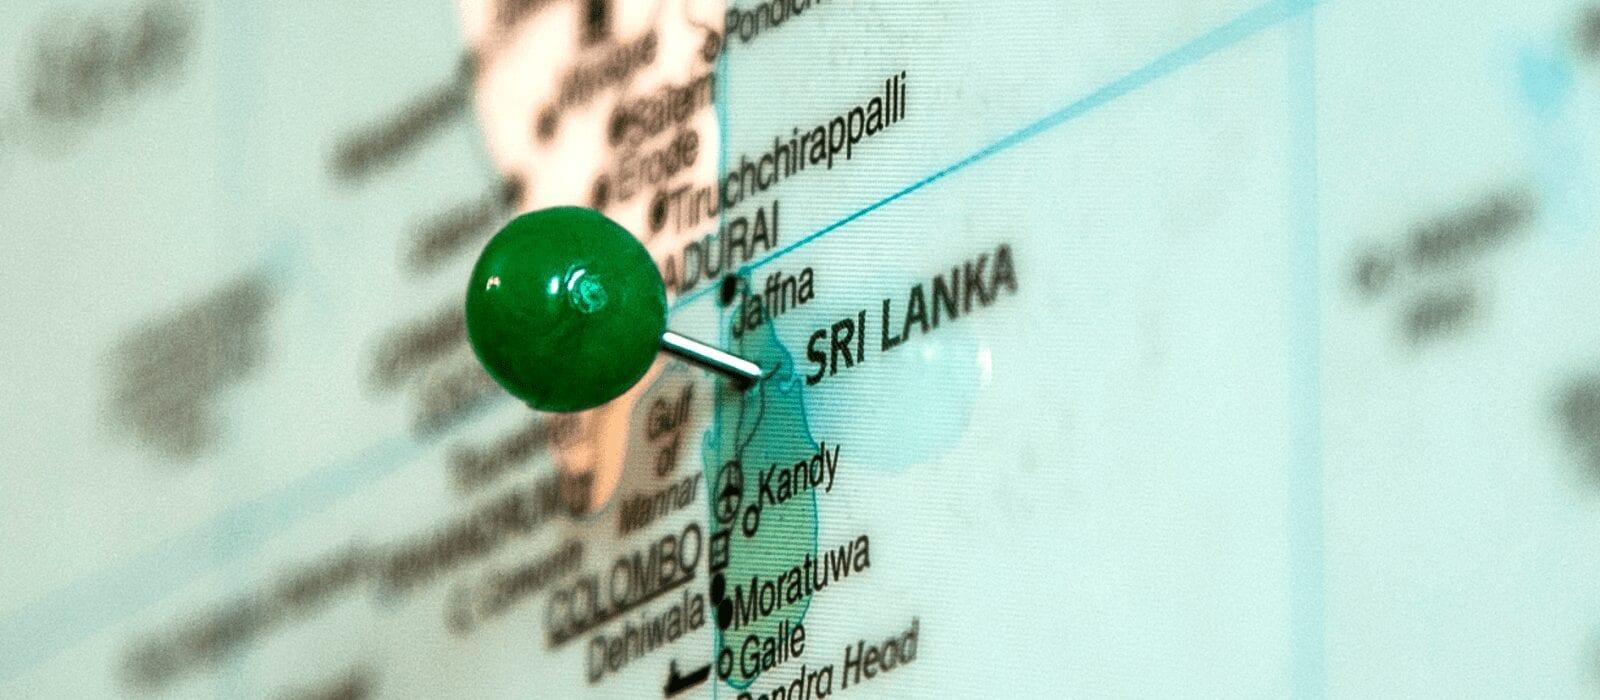 srilanka-555